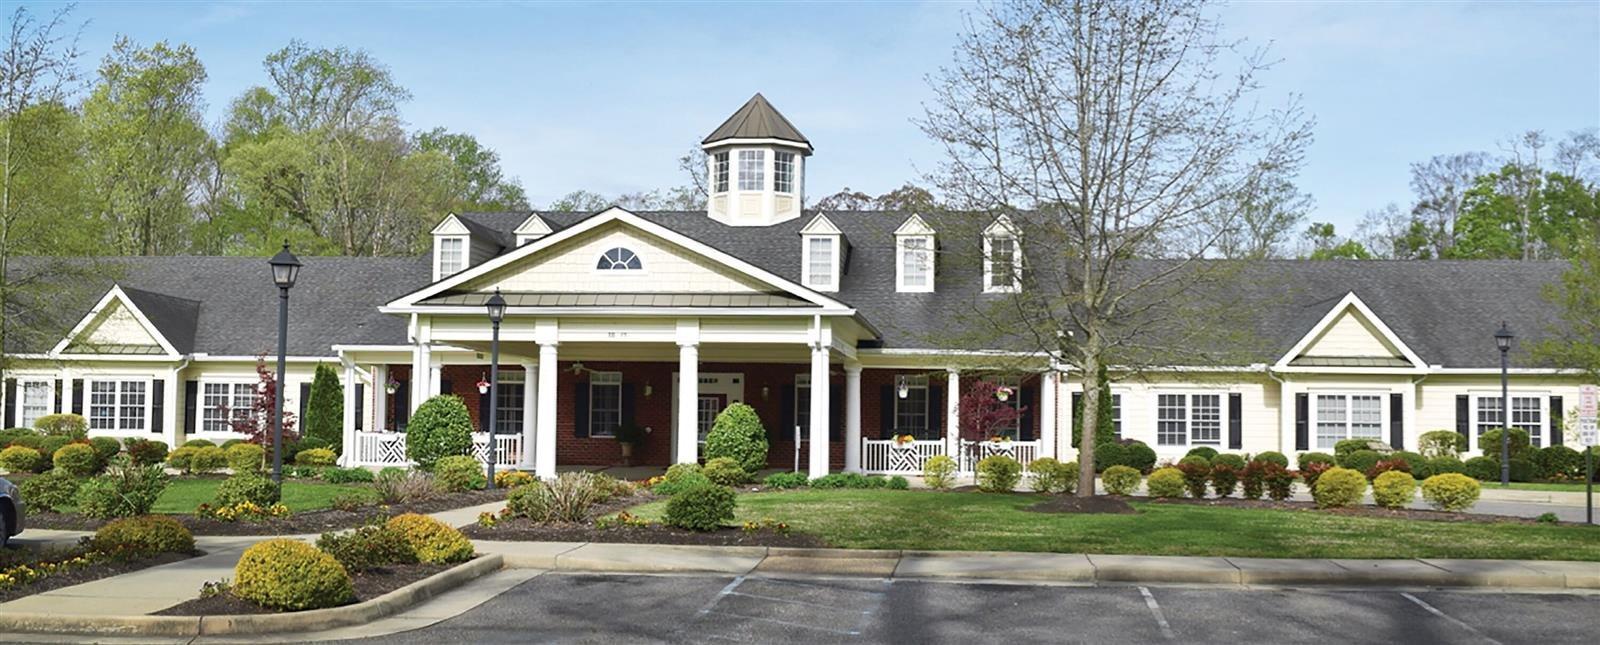 Elegant Exterior View Of Property at Spring Arbor of Williamsburg, Williamsburg, VA, 23185